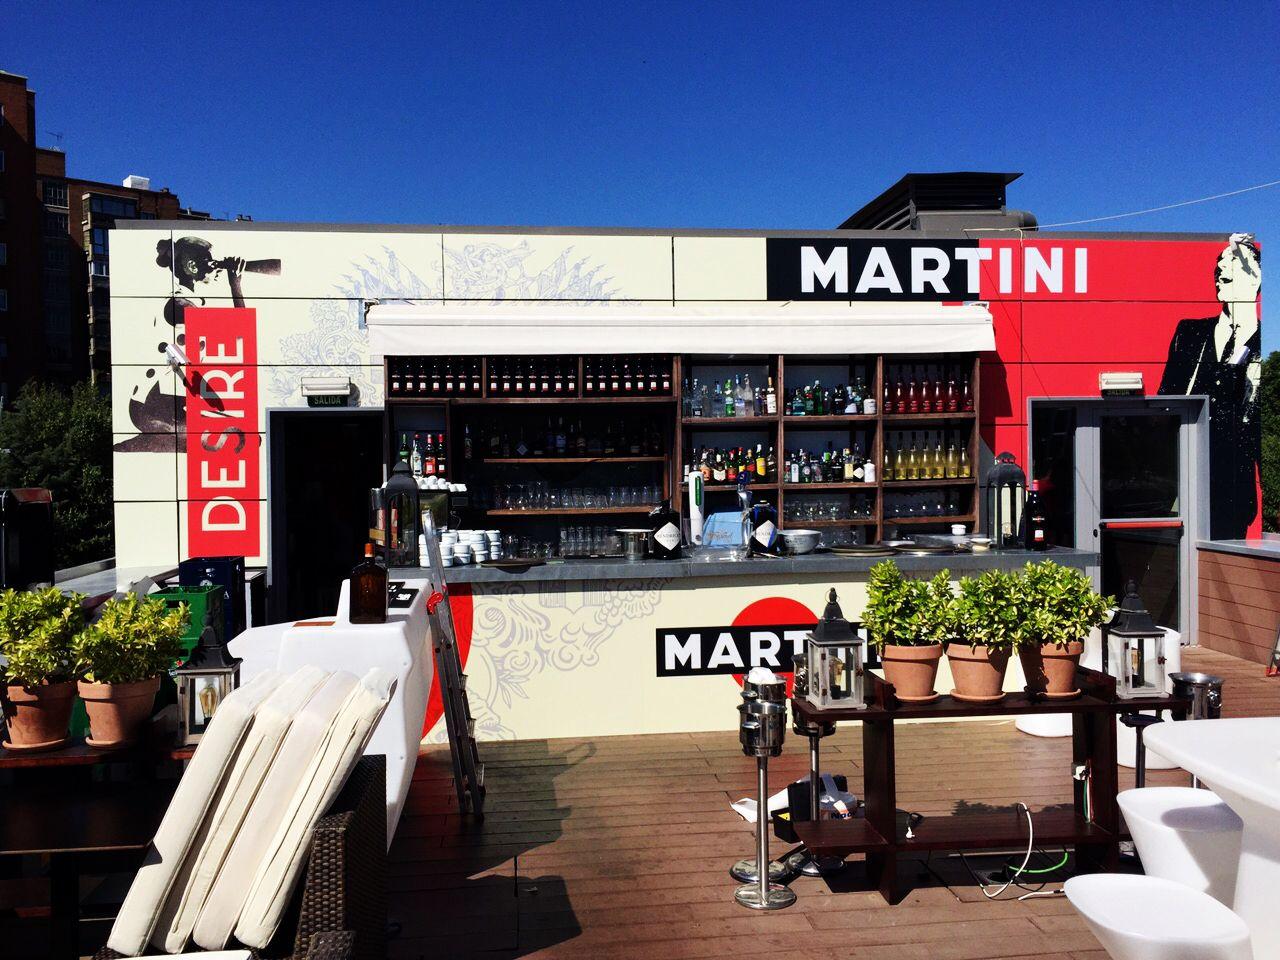 Campana Martini Desire En La Terraza De Madrid Rio Martini Terraza Madrid Rio